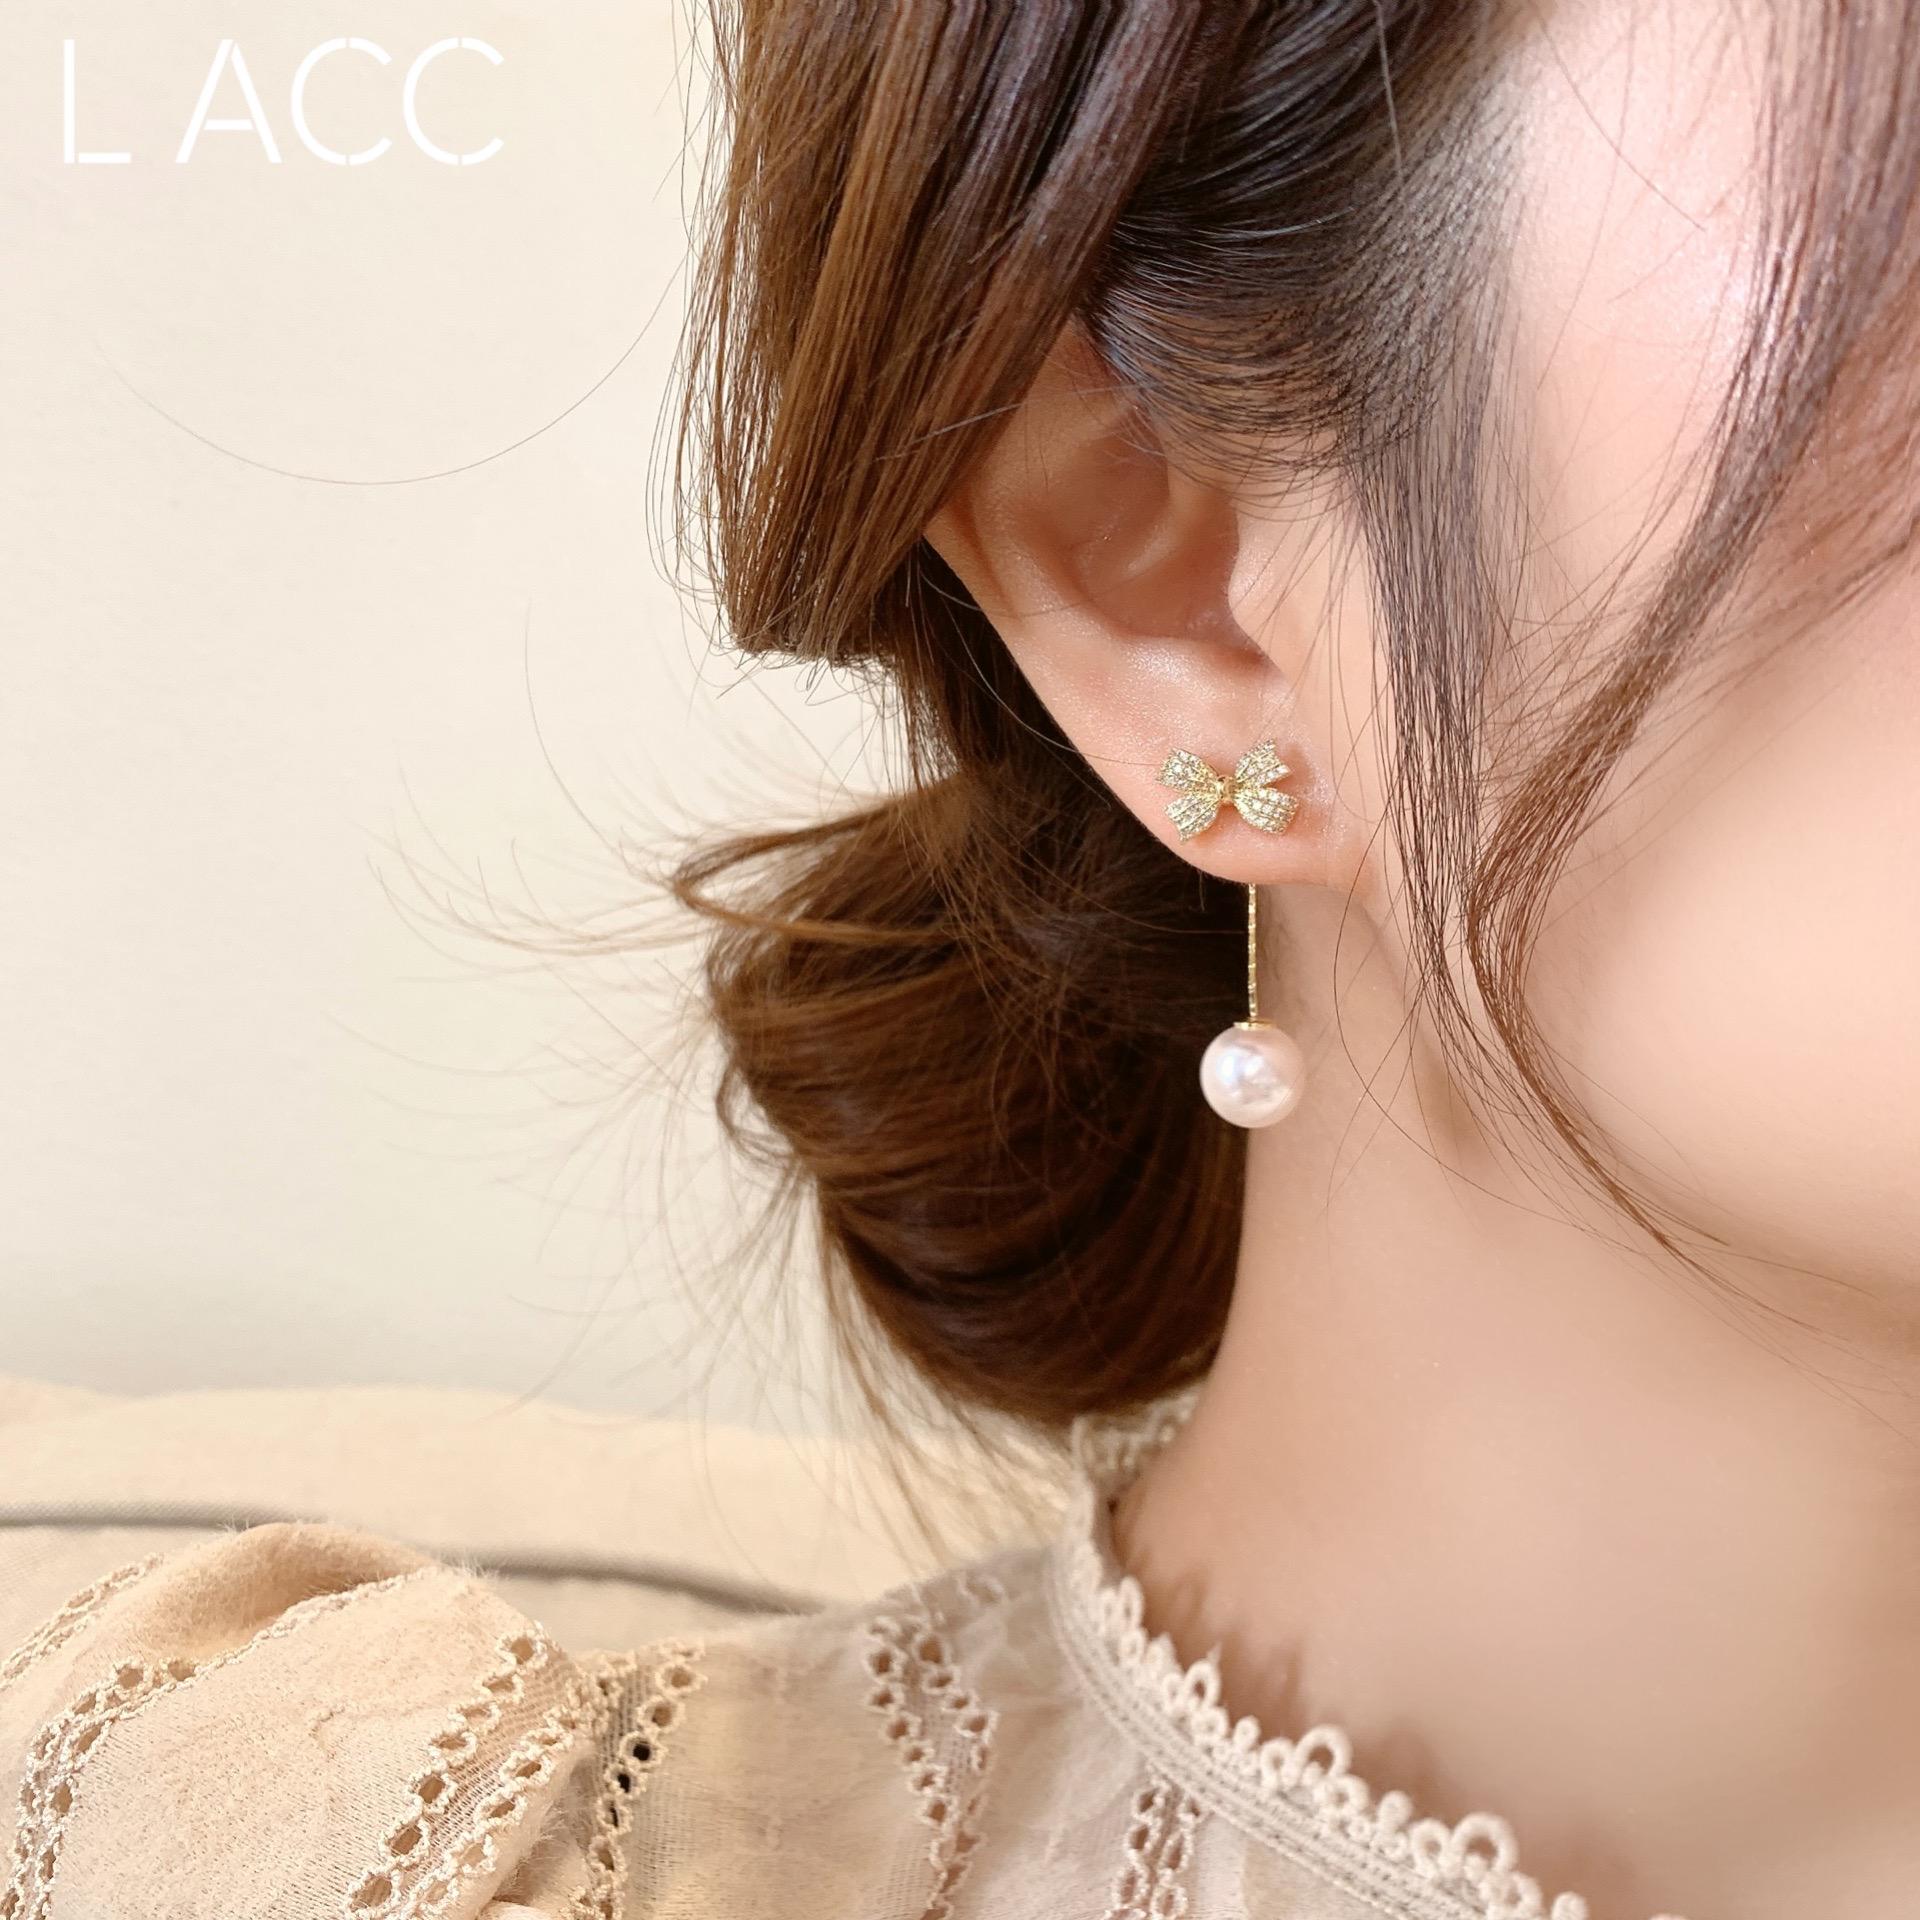 韩国东大门代购蝴蝶结流苏 珍珠925银针 耳环 气质耳饰女修饰脸型